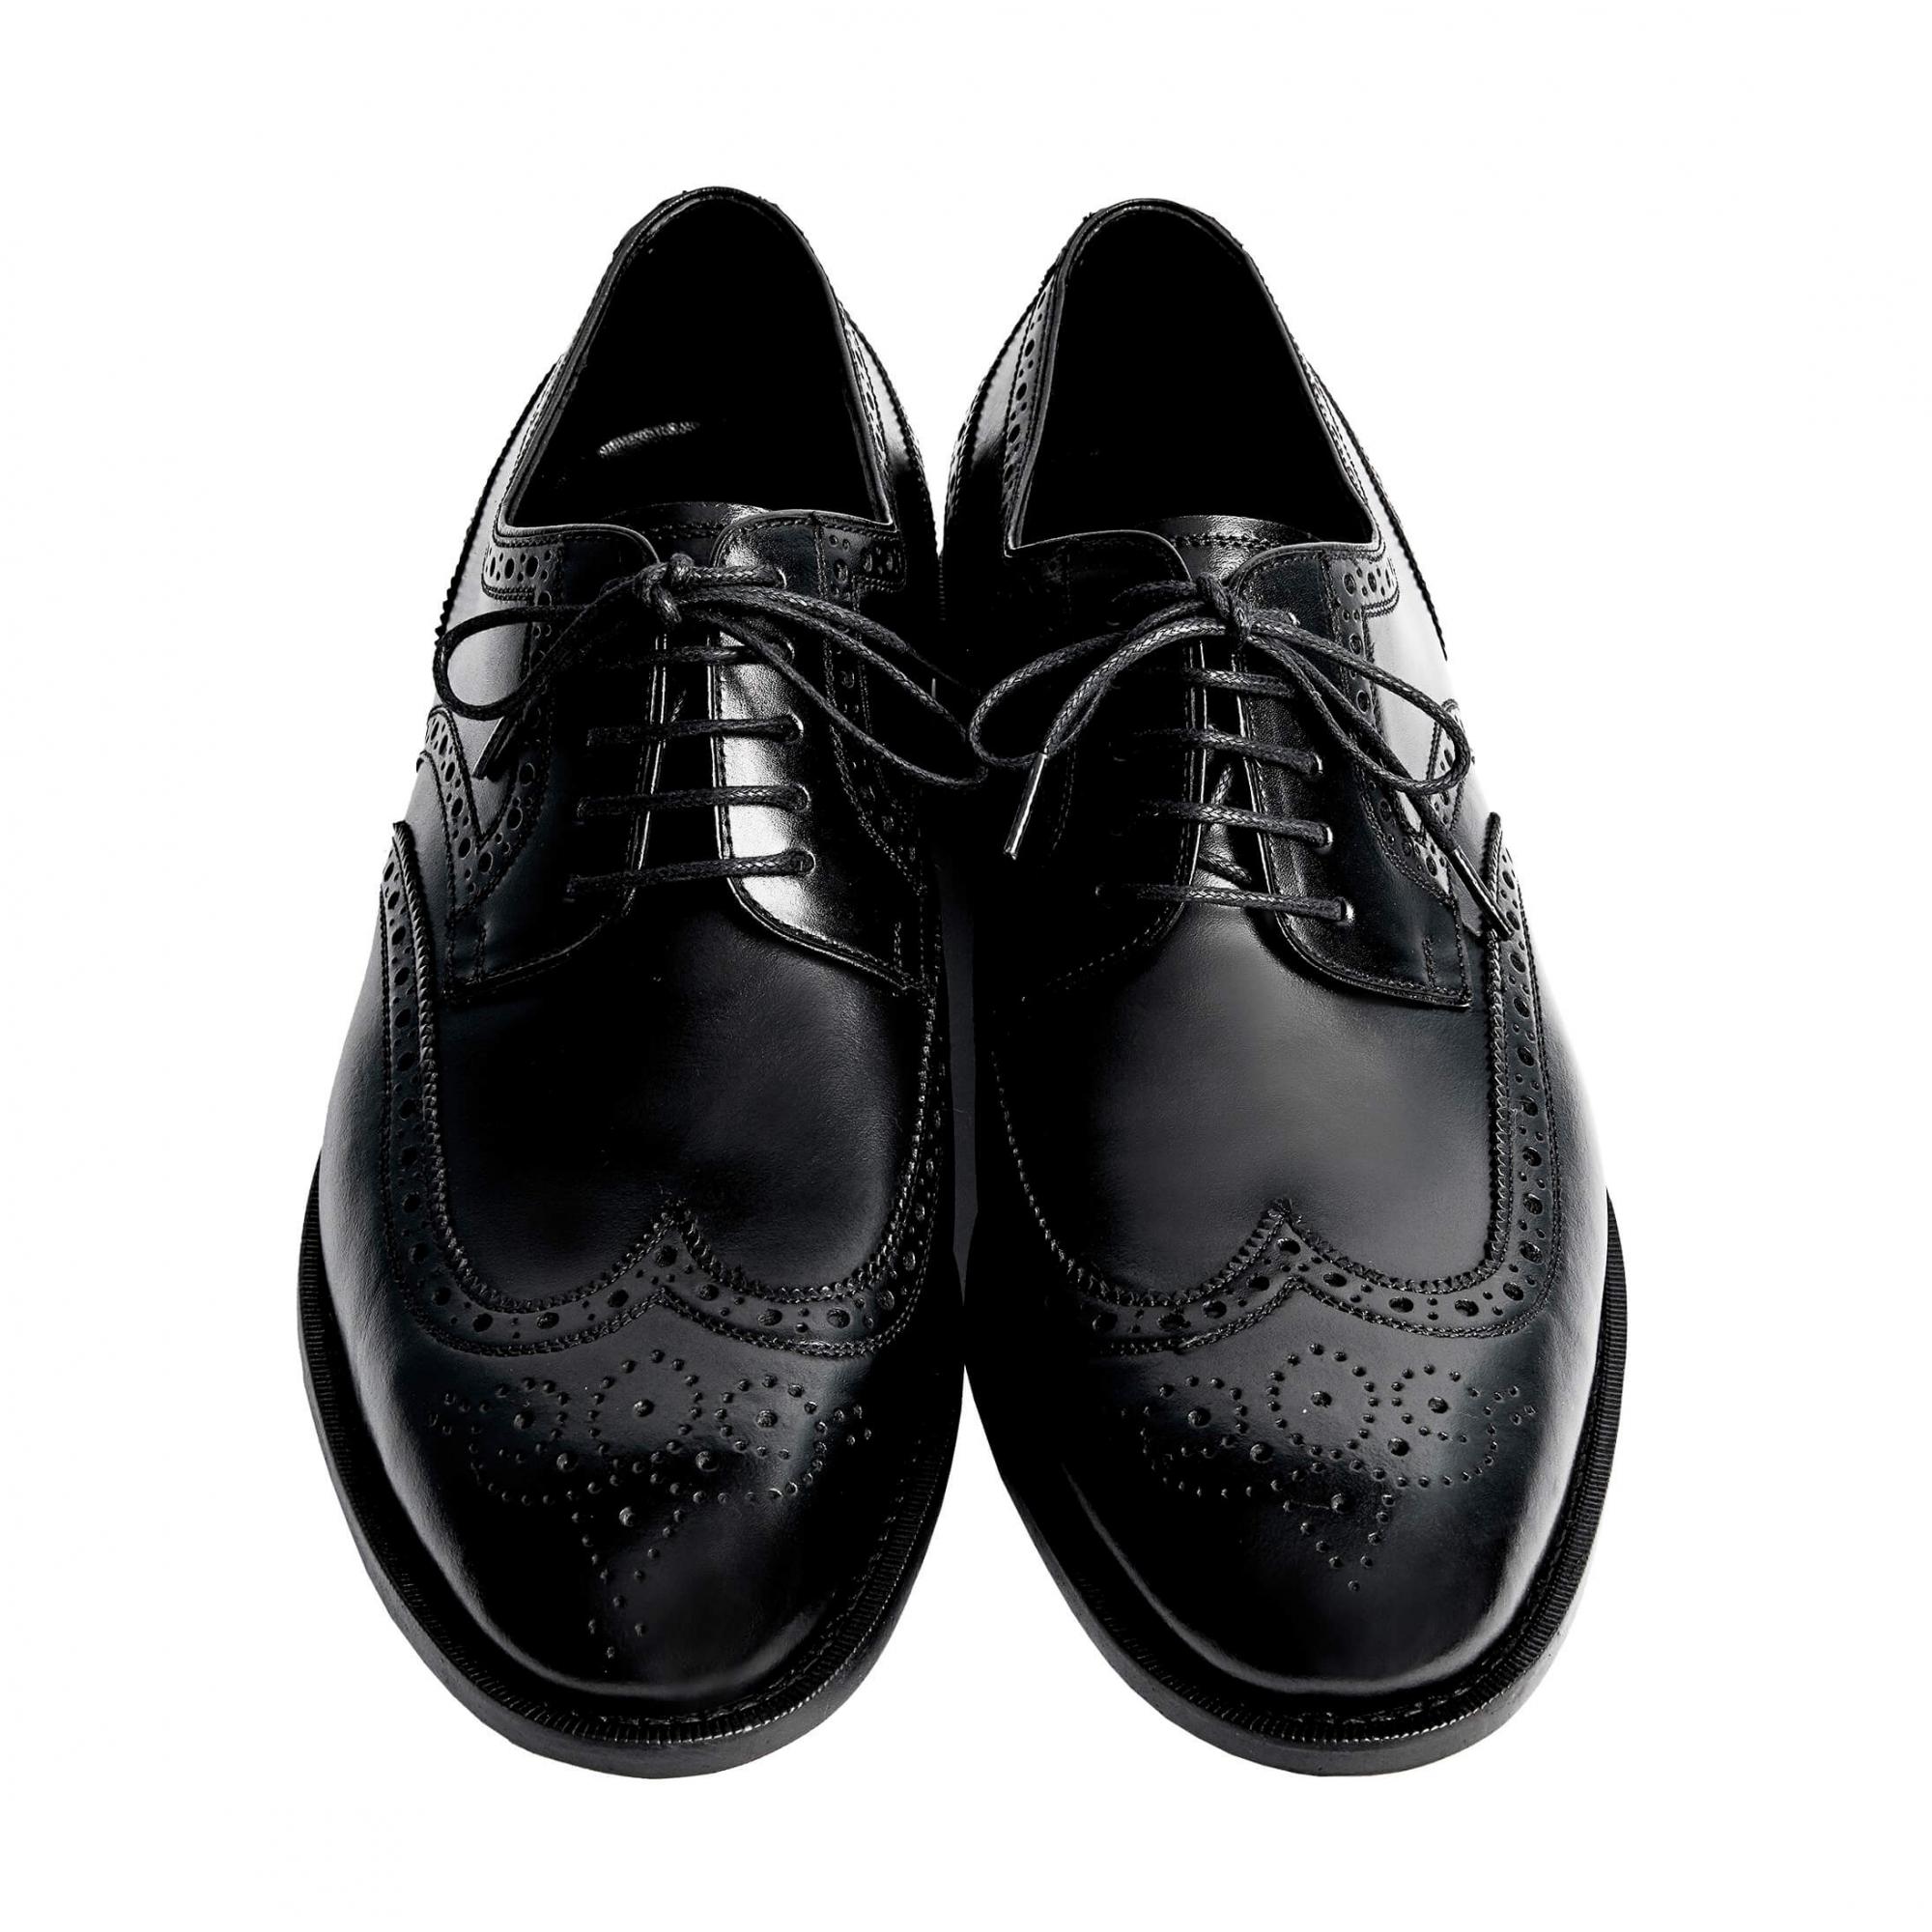 Sapato Masculino Derby Brogue cor Preto 2100PRE Wellington